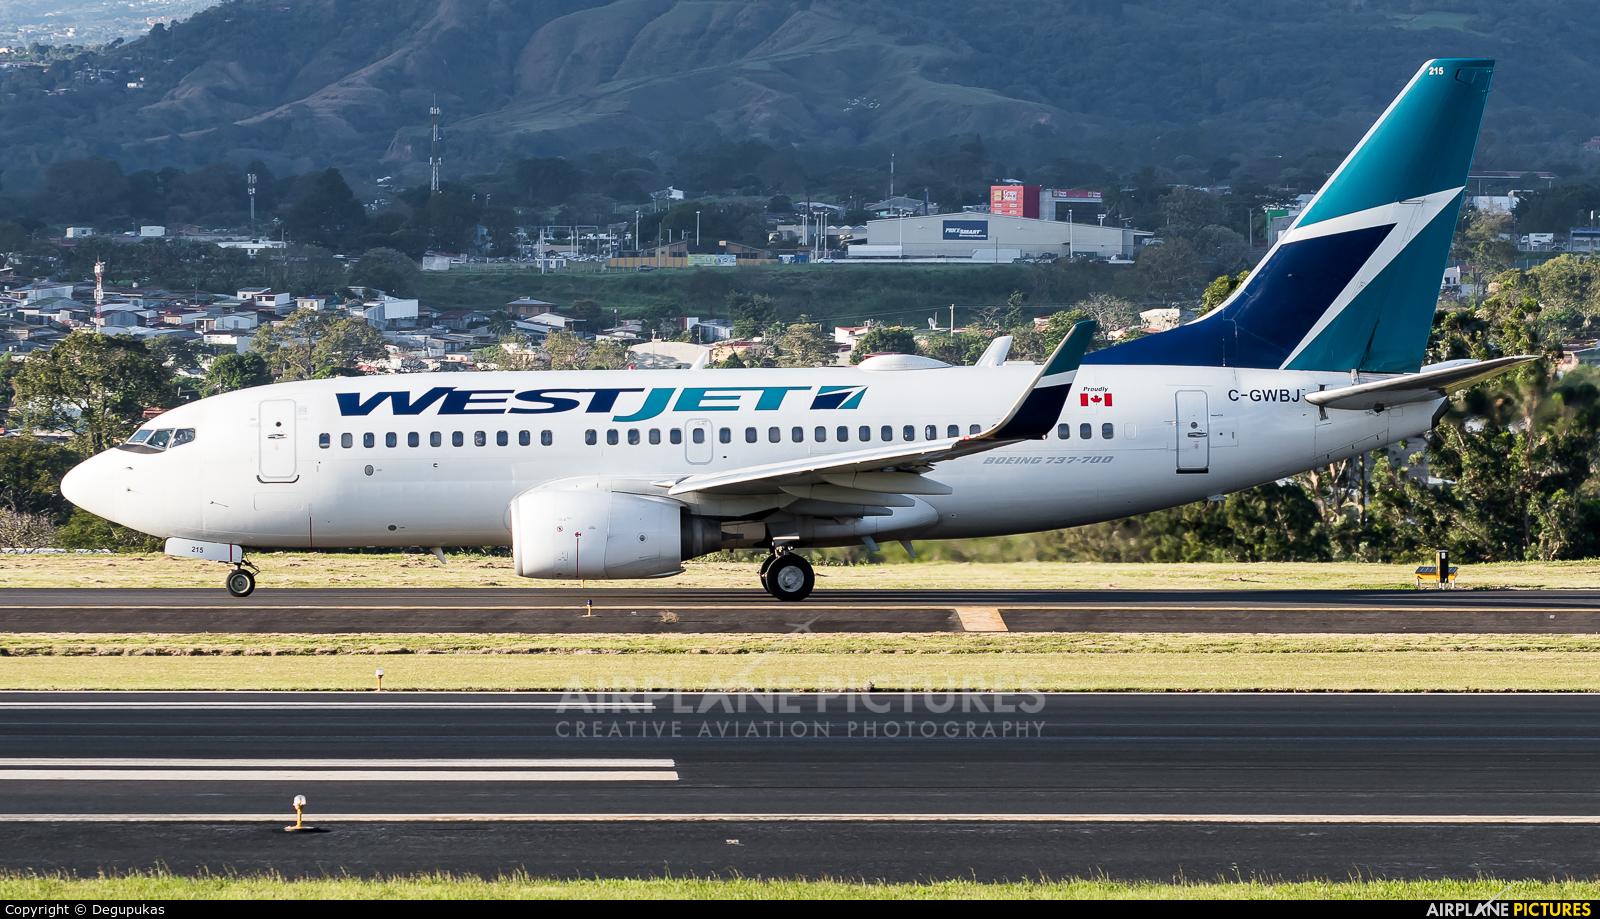 WestJet Airlines C-GWBJ aircraft at San Jose - Juan Santamaría Intl